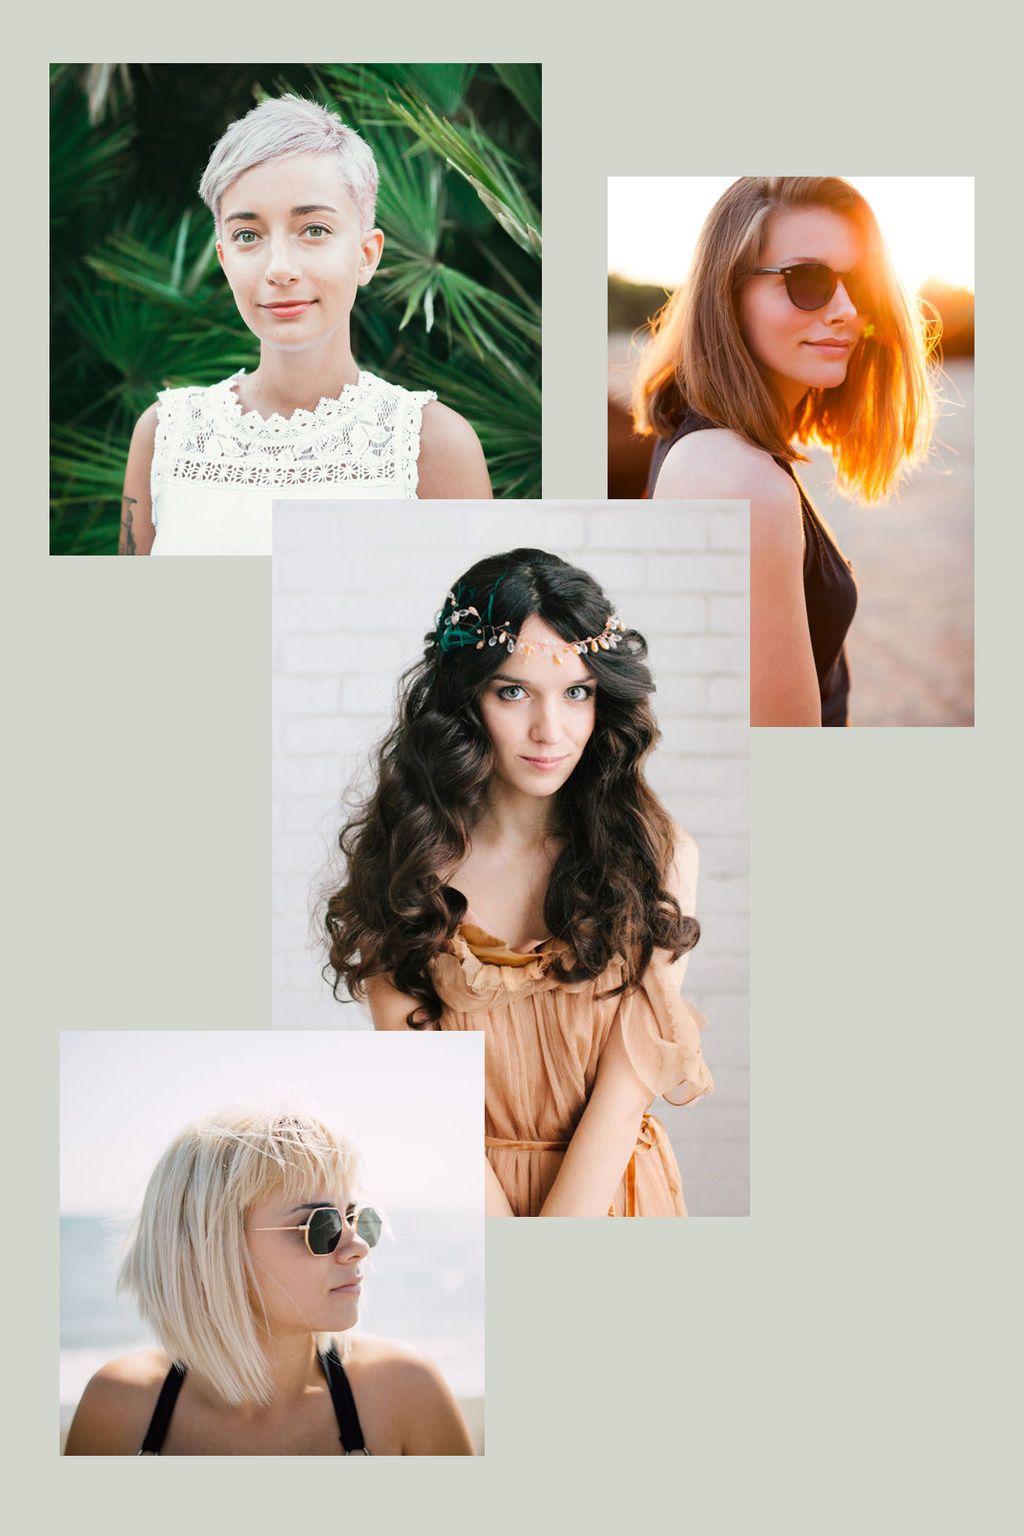 Welche Frisur passt zu mir? – Der Frisurentest  Frisur